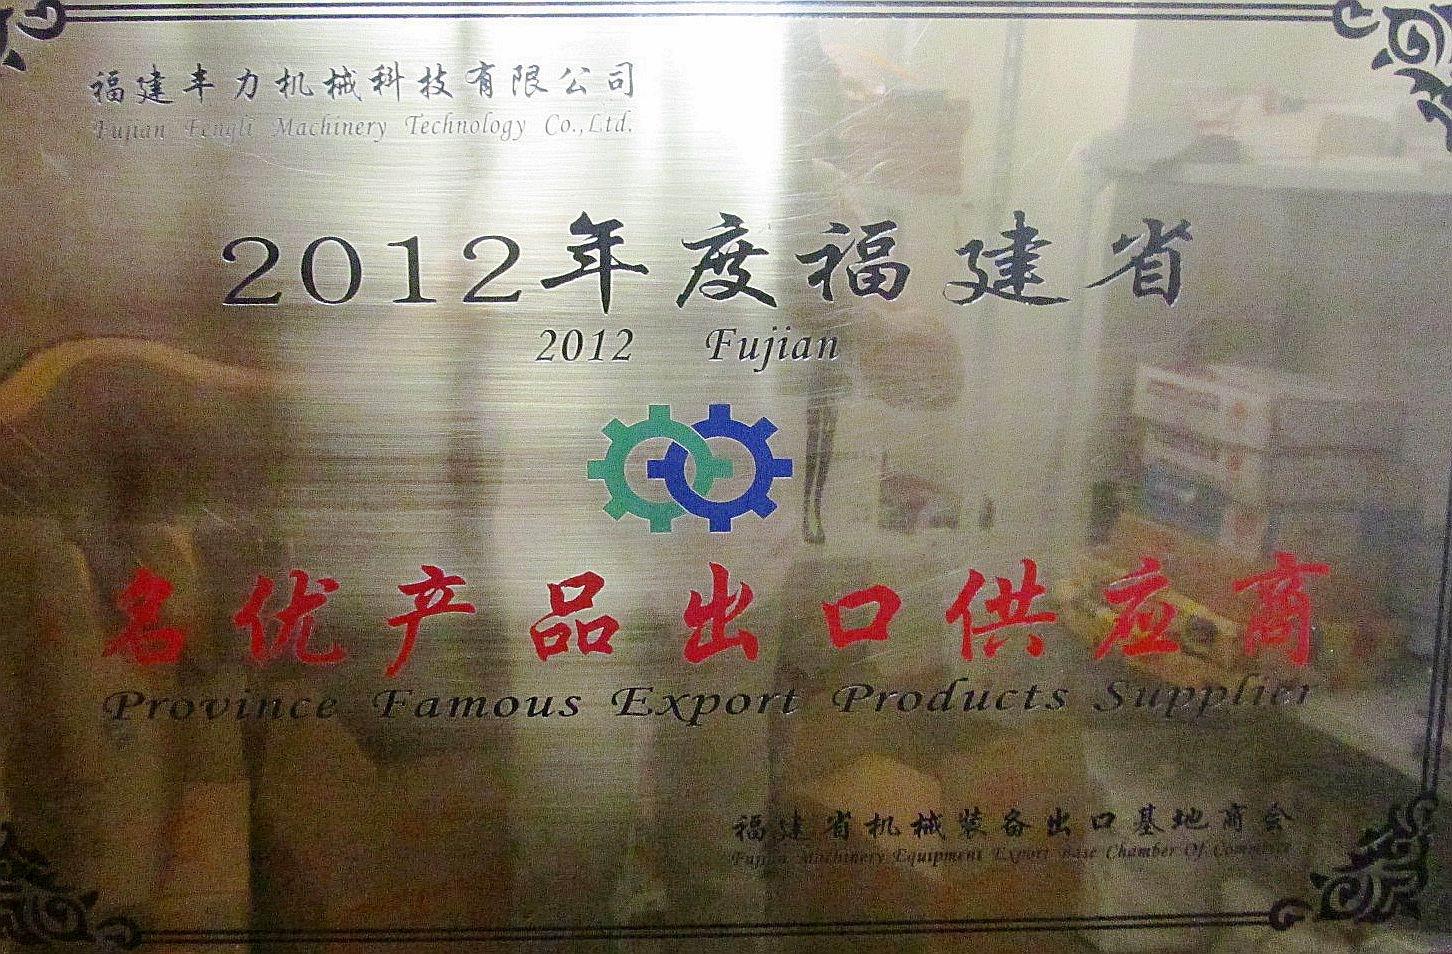 丰力粉碎机成为2012年度福建省名优产品出口供应商。